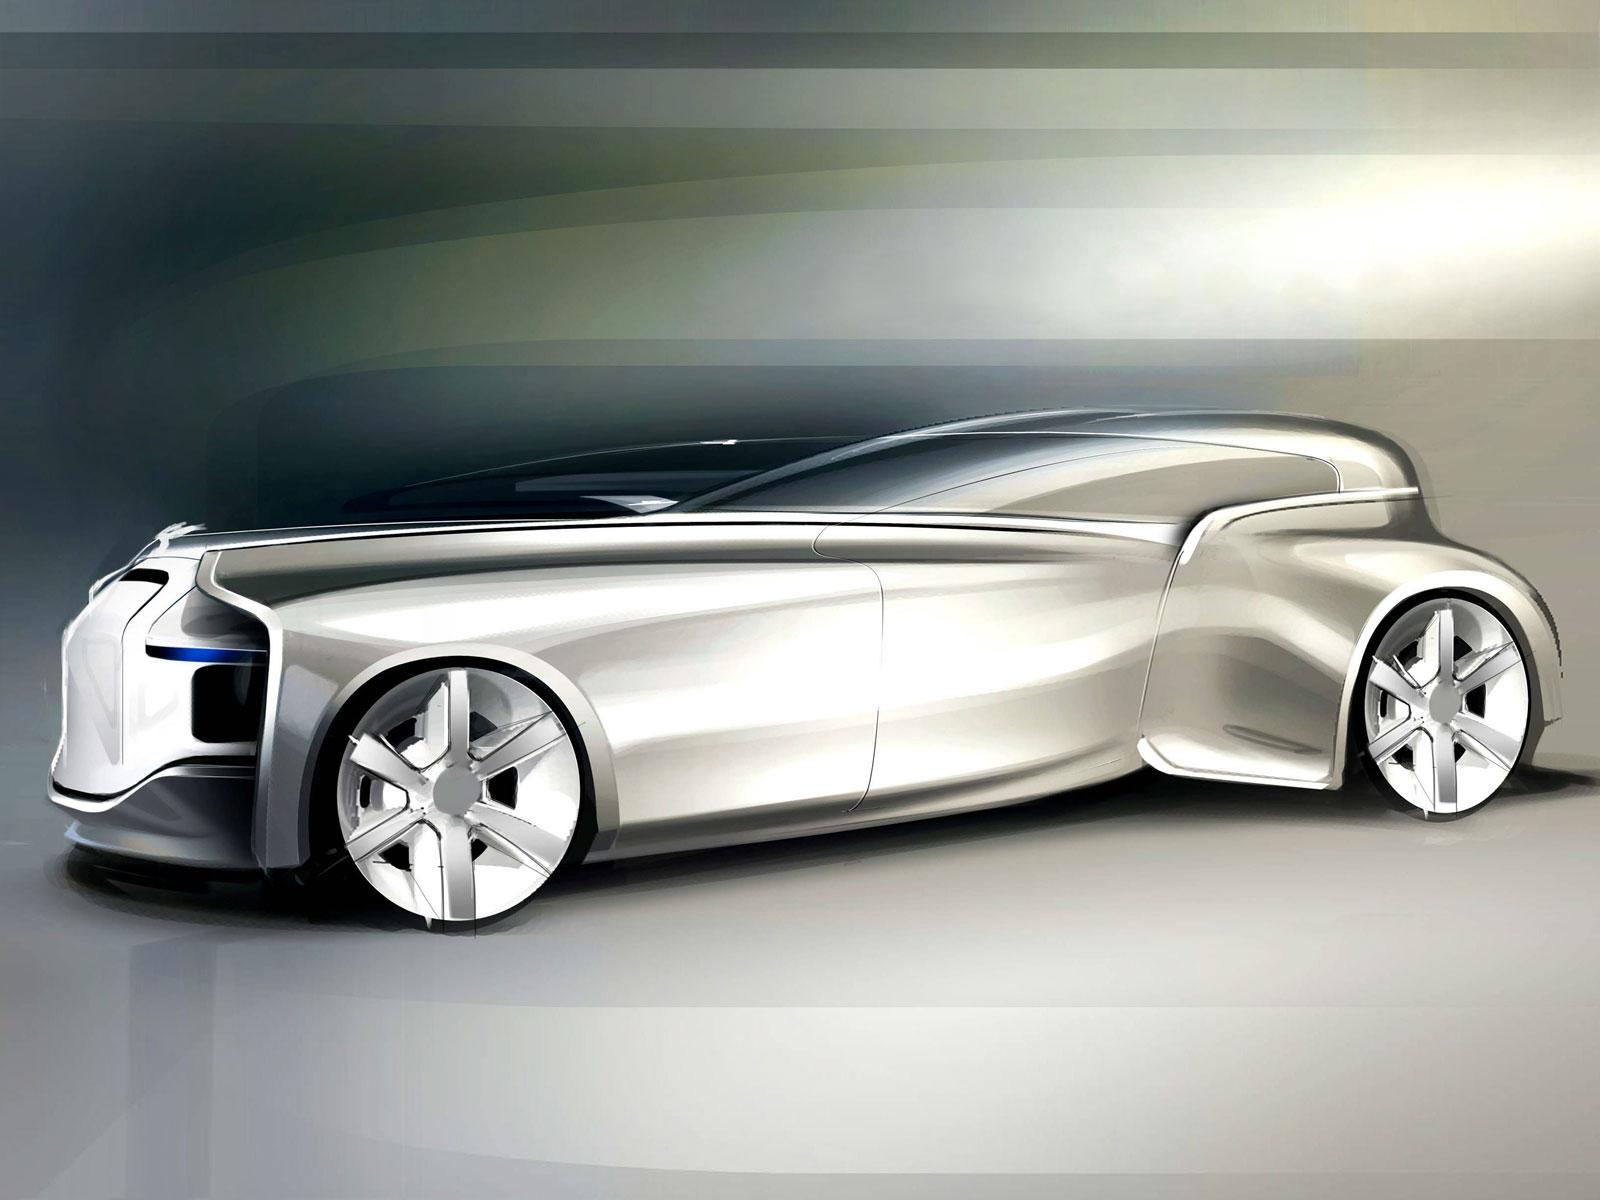 Rolls Royce Silver Wraith By Paul Nichols Car Body Design